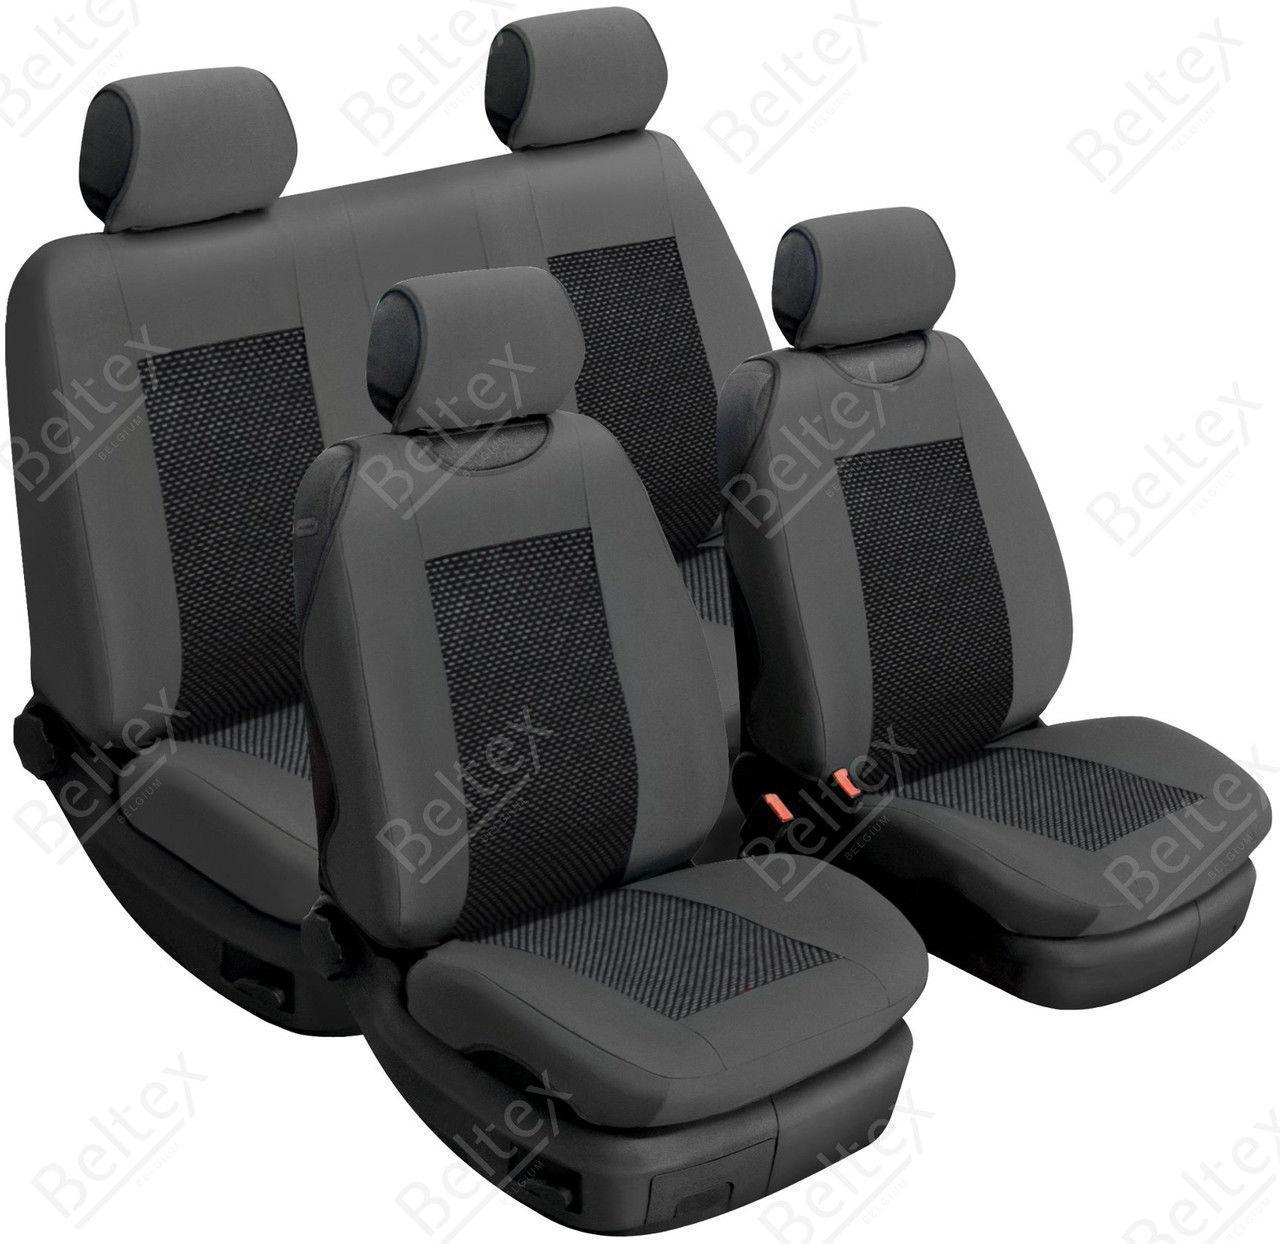 Майки/чехлы на сиденья Пежо Партнер Типи (Peugeot Partner Tepee)